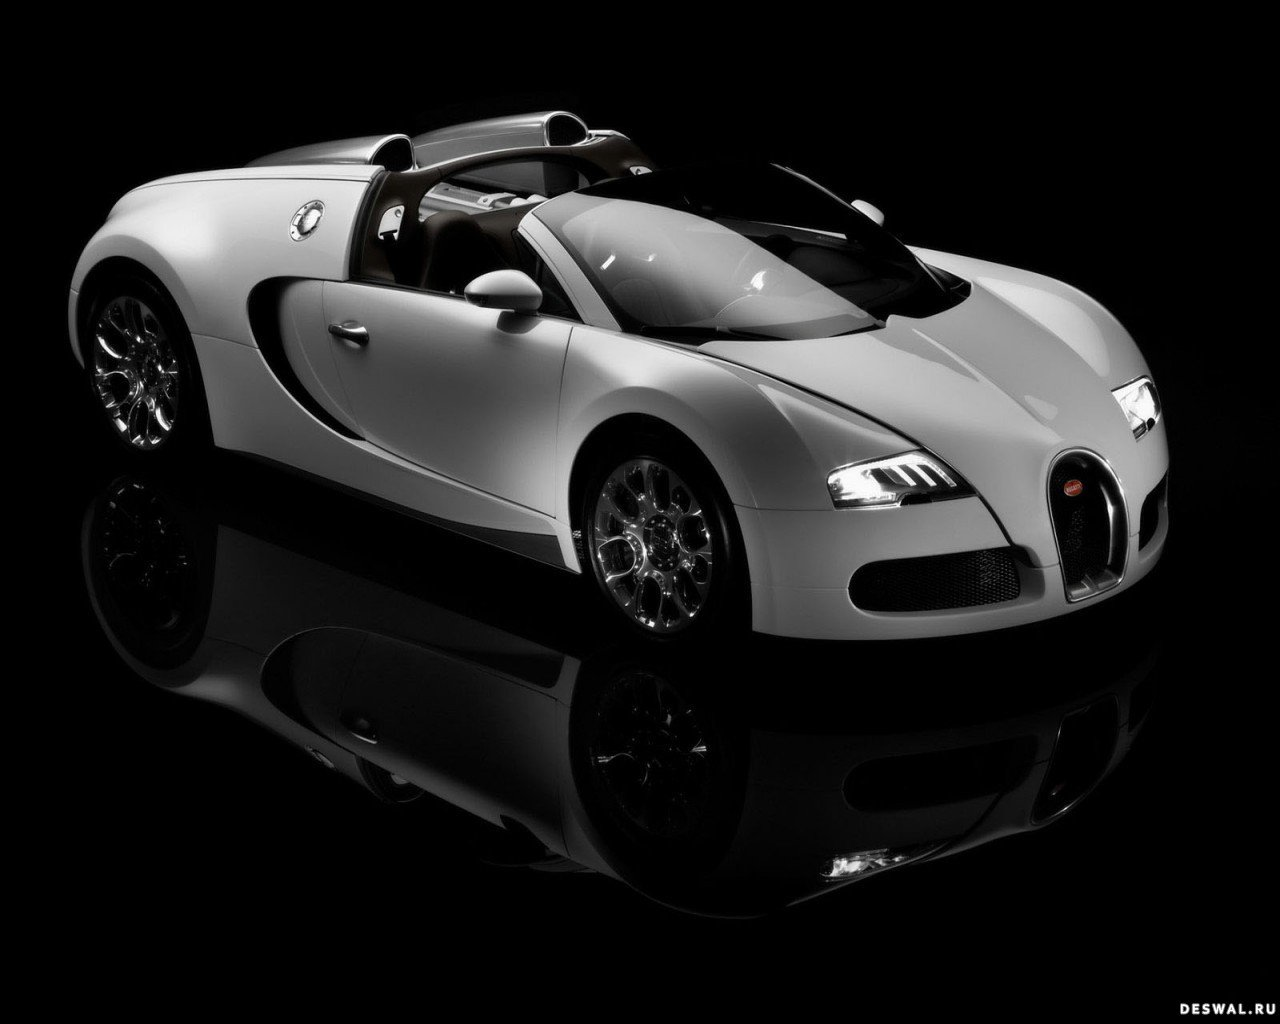 Машина Бугатти на бесплатной картинке, Нажмите на картинку с обоями автомобиля bugatti, чтобы просмотреть ее в реальном размере